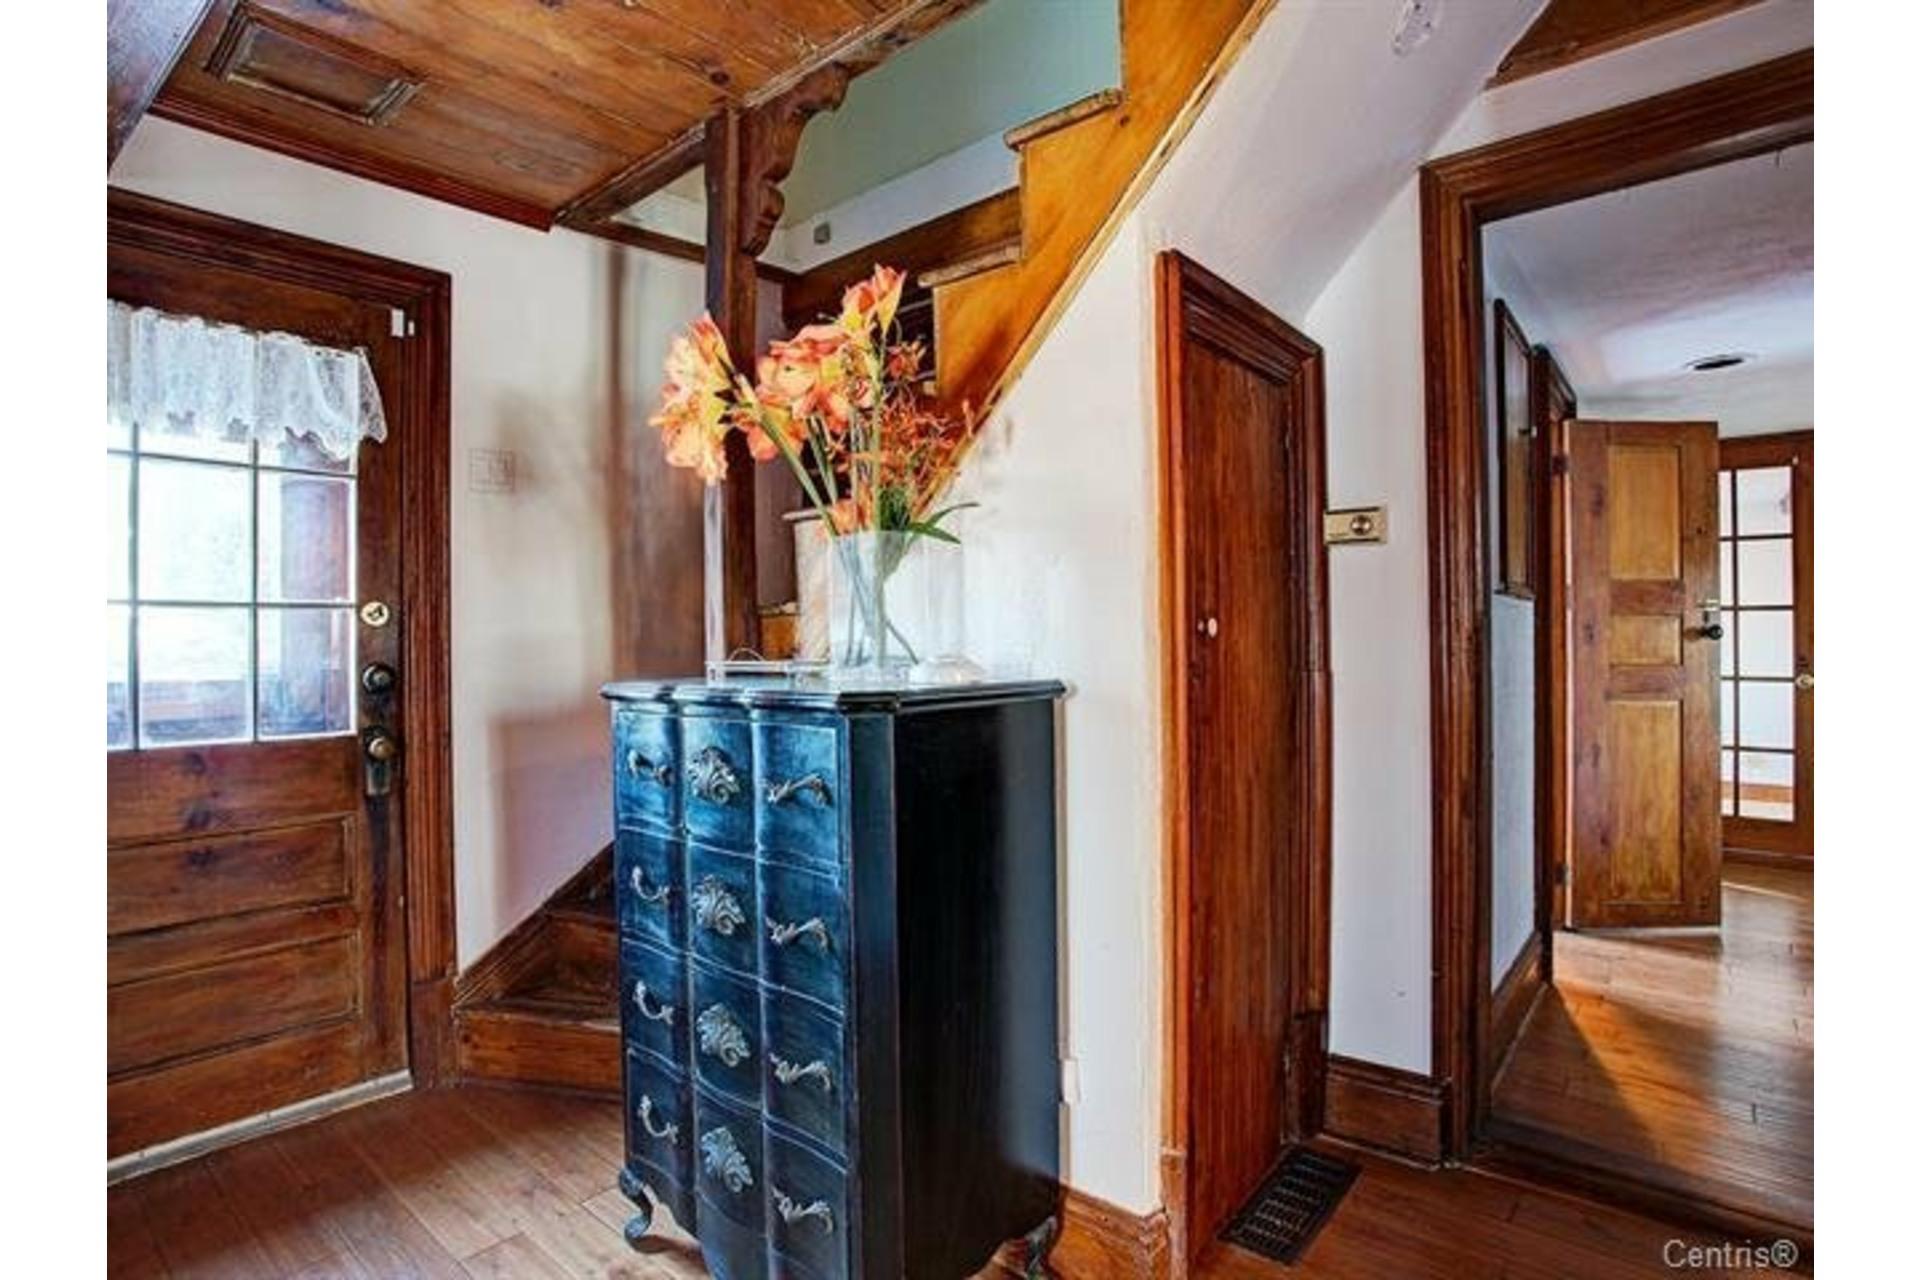 image 9 - MX - Casa sola - MX En venta Vaudreuil-Dorion - 12 habitaciones